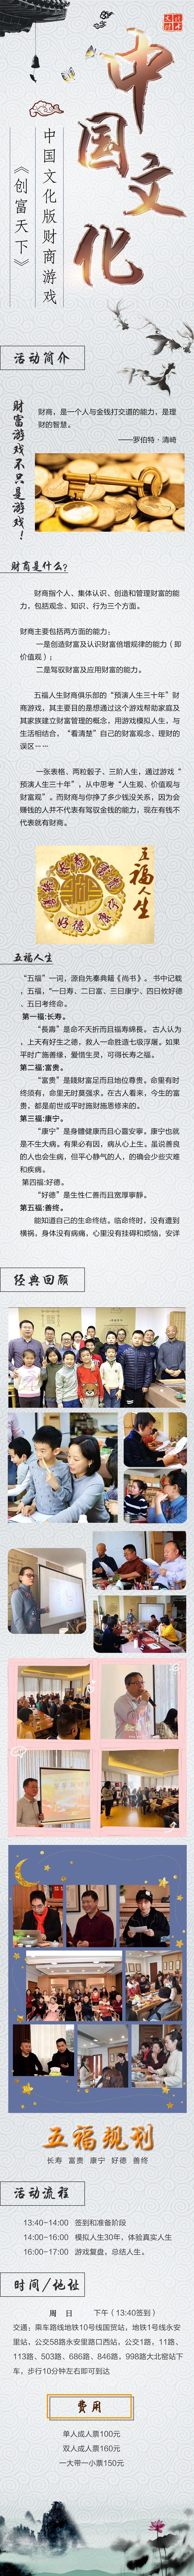 中国文化长图.jpg